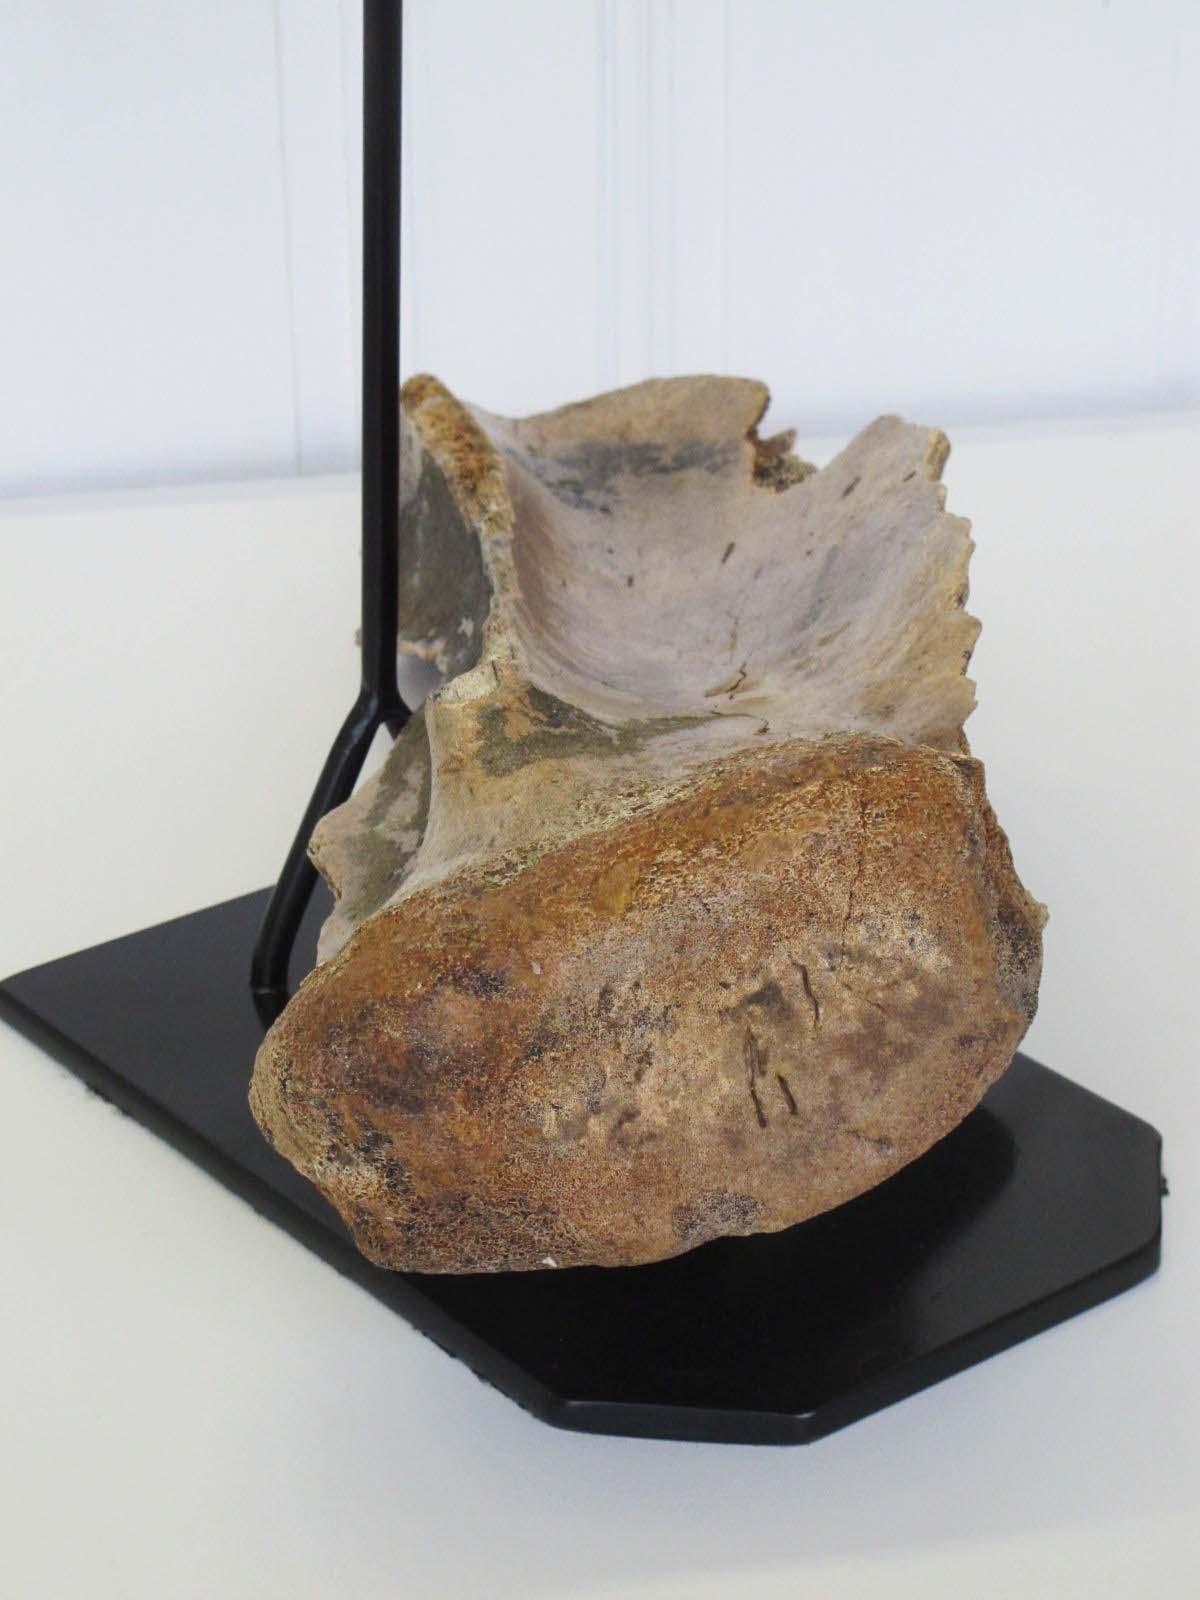 https://www.nuggetsfactory.com/EURO/mammifere/mammouth/os/49%20os%20mammouth%20e.jpg